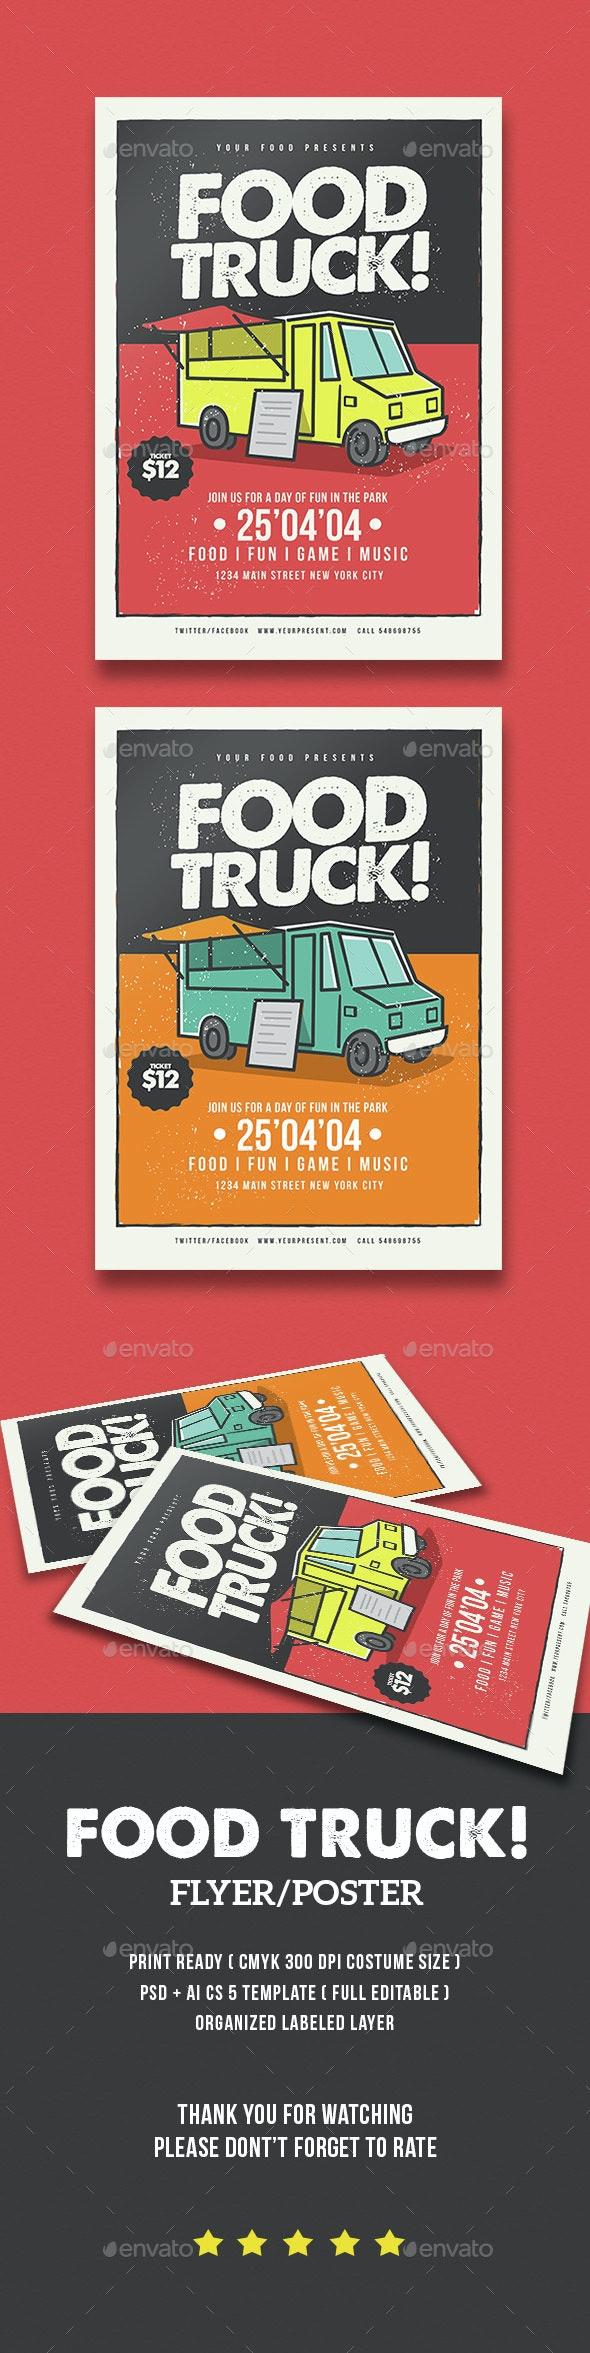 Food Truck Flyer - Flyers Print Templates